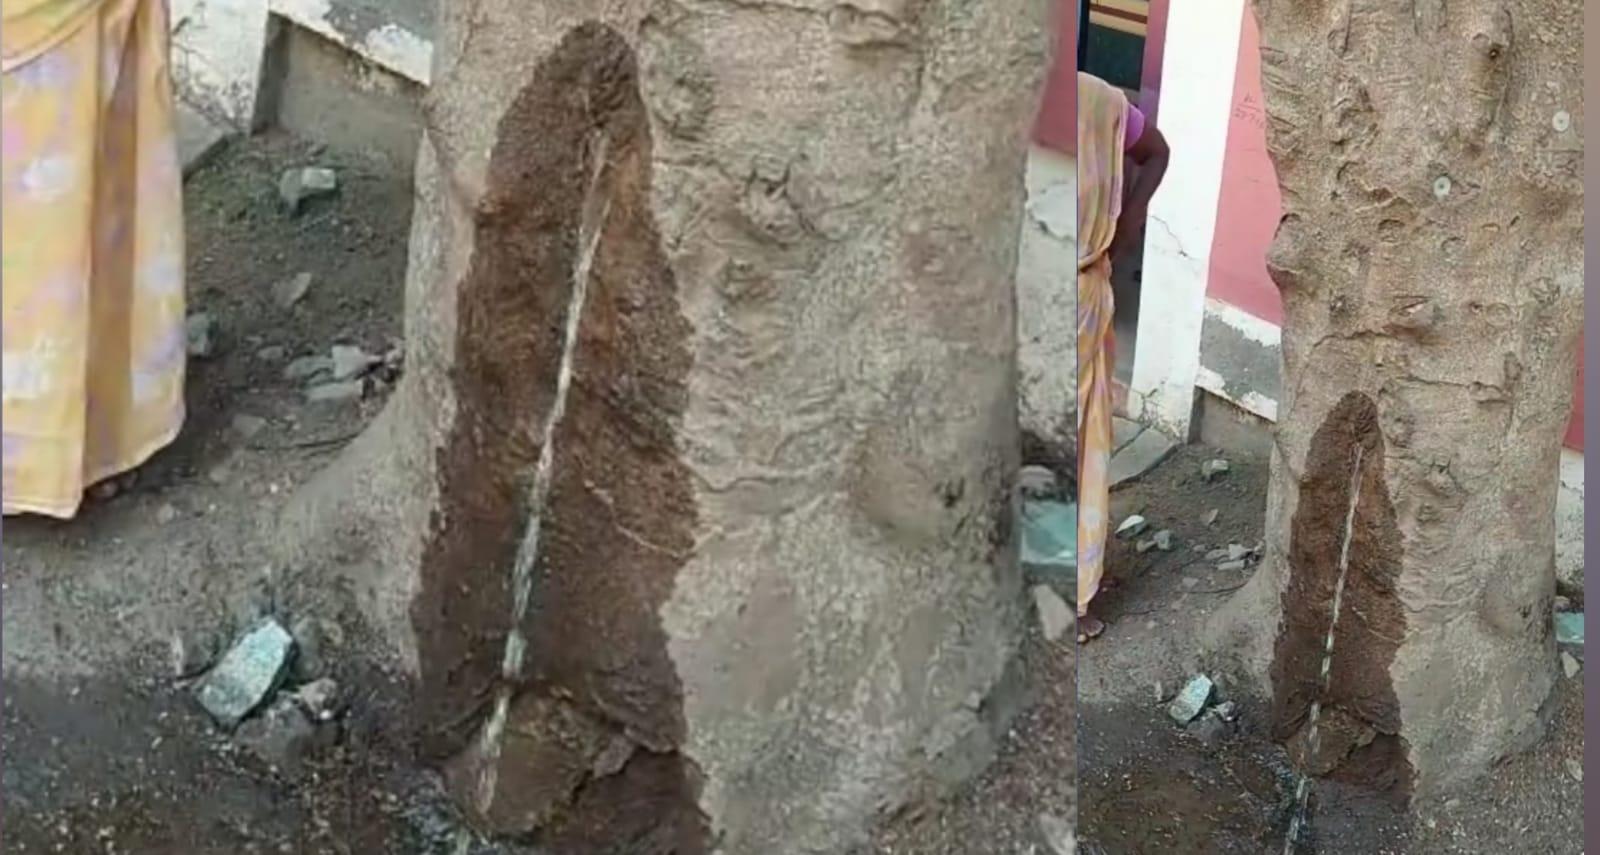 மரத்திலிருந்து திடீர் தண்ணீர் : ஆச்சரியத்துடன் பார்த்துச் சென்ற பொதுமக்கள்